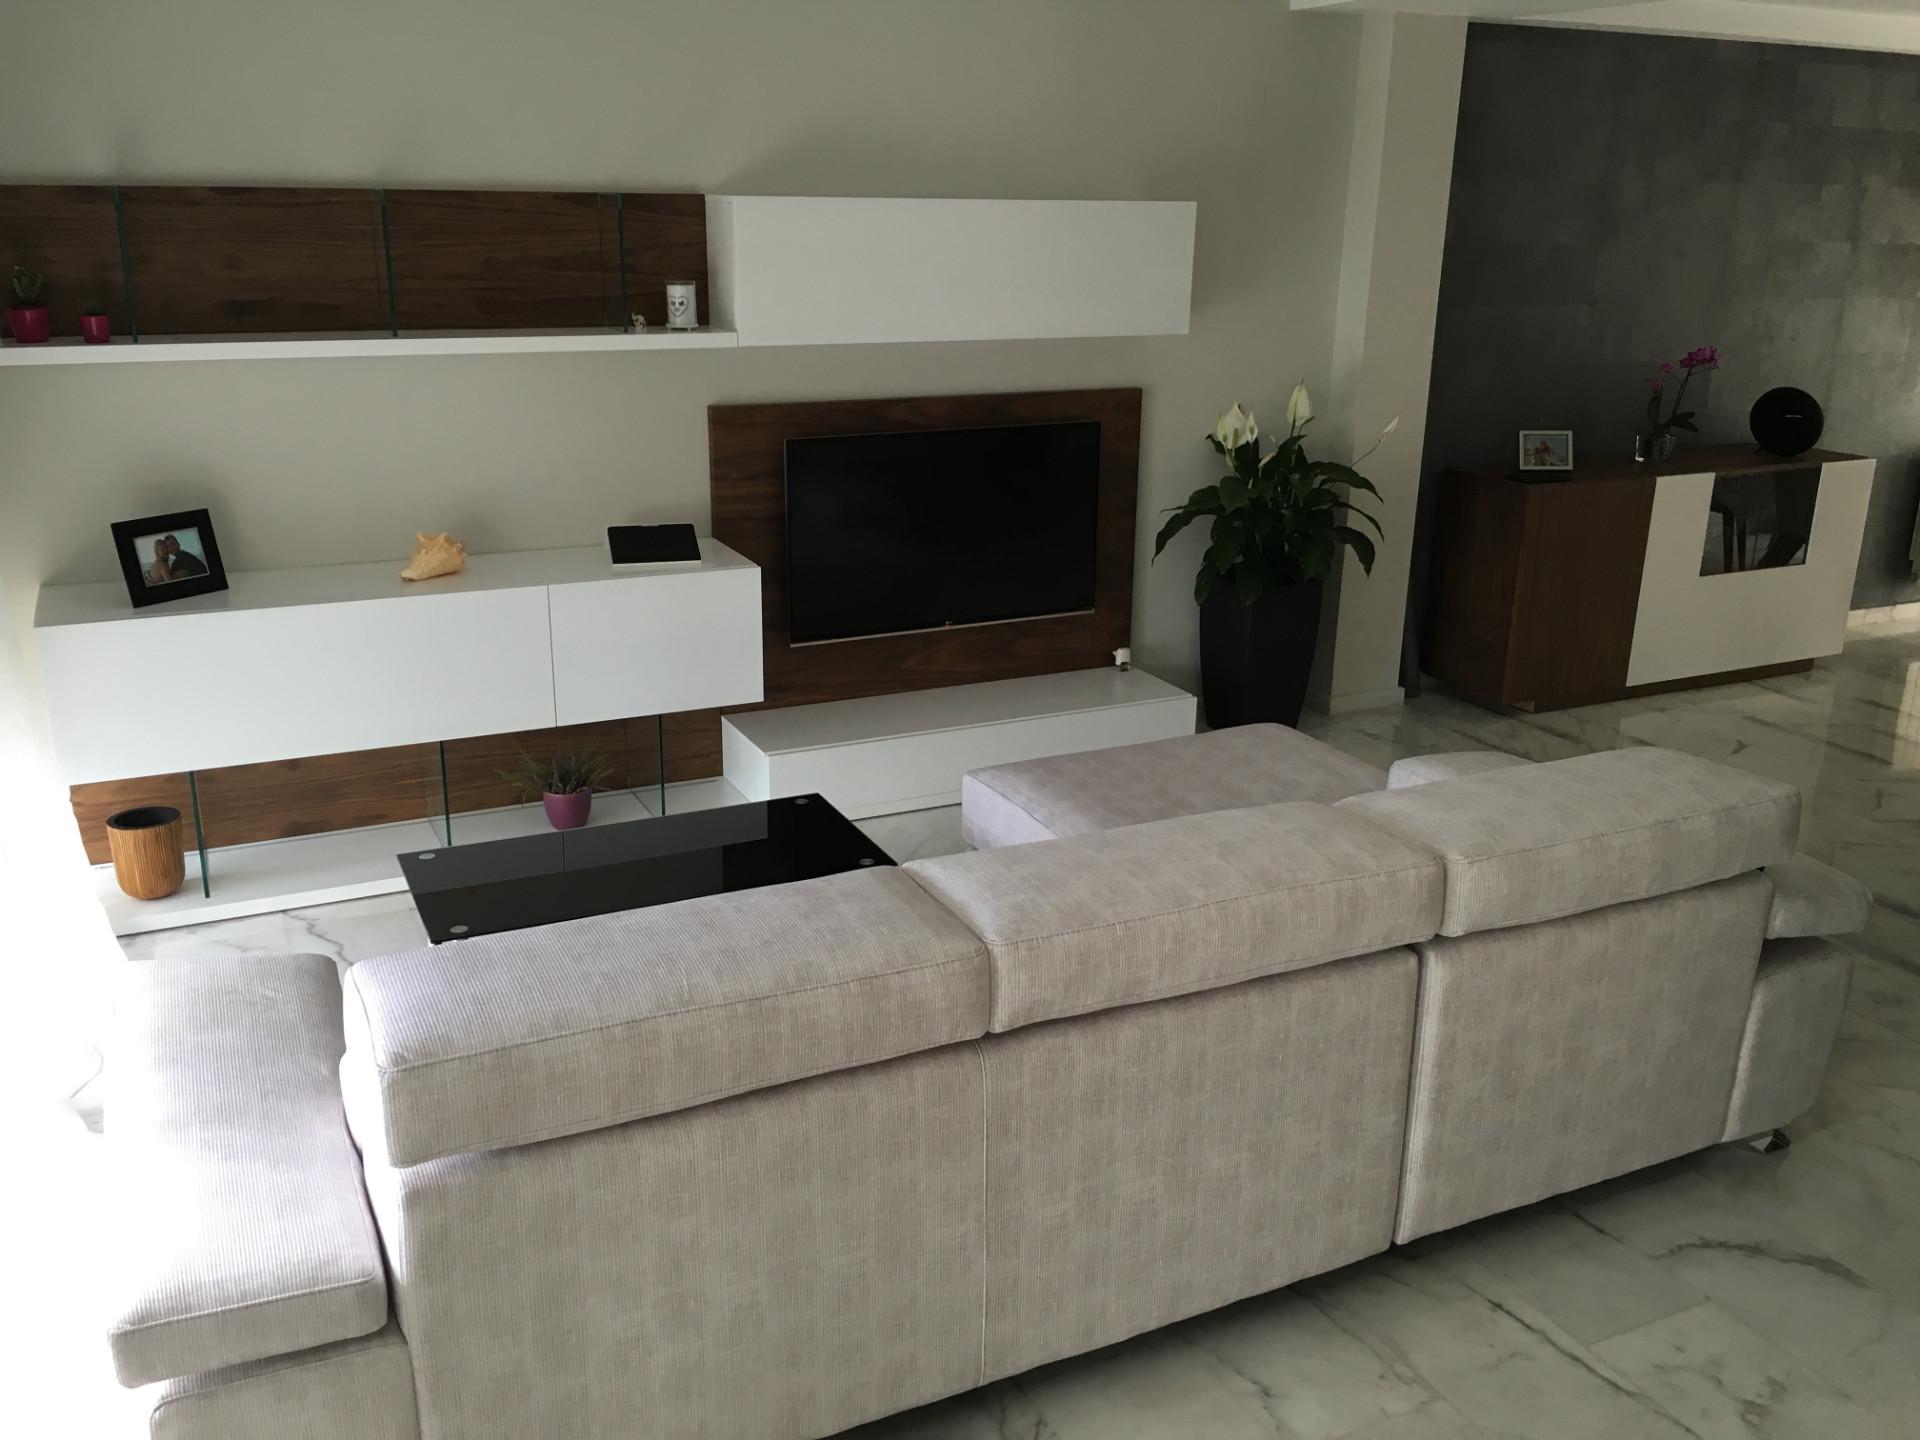 proyectos-interiorismo-viviendas-casas-particulares-chalets-valencia-5